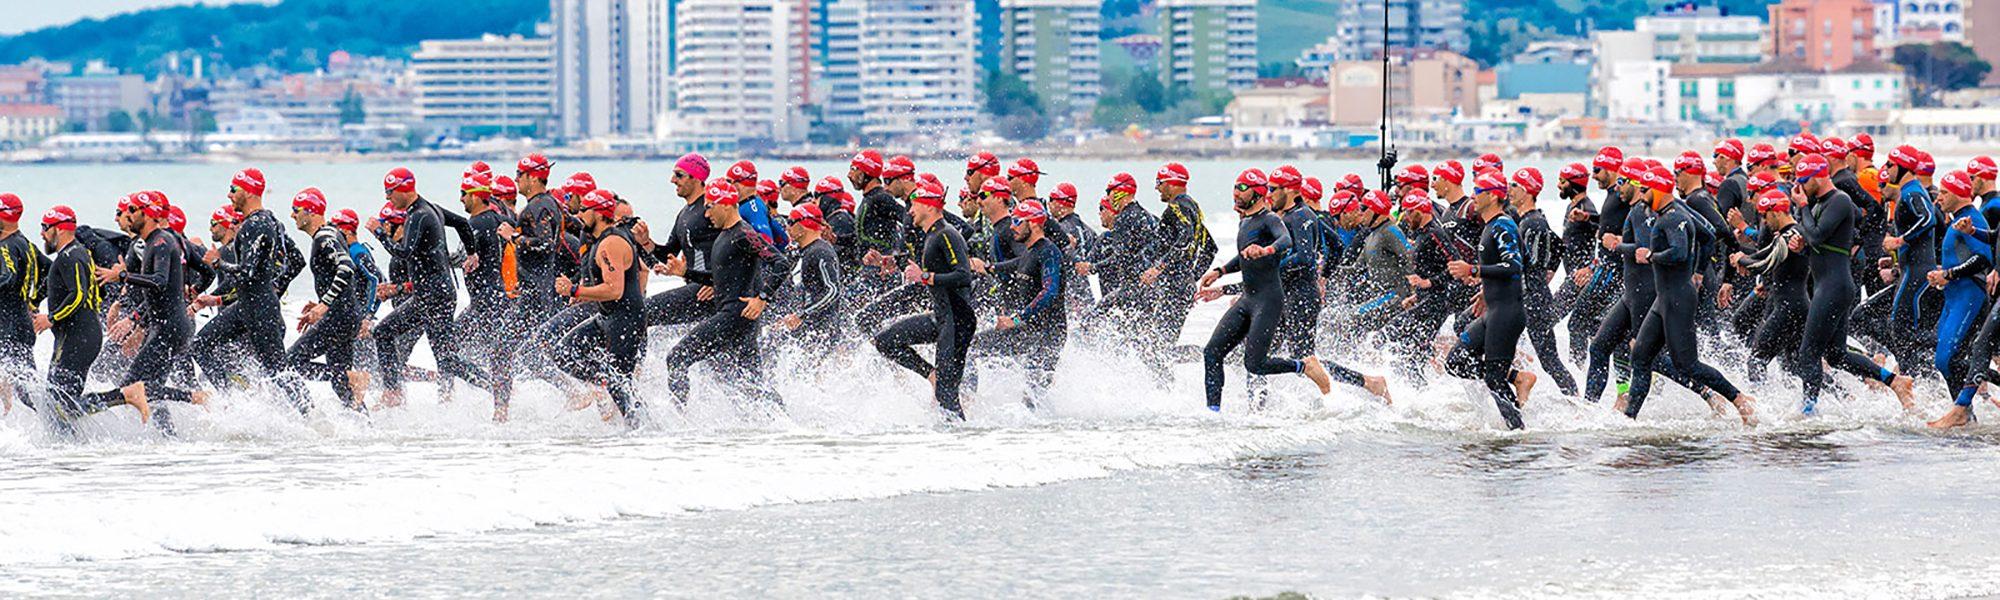 Challenge Riccione 2021, Triathlon, Eventi Sportivi